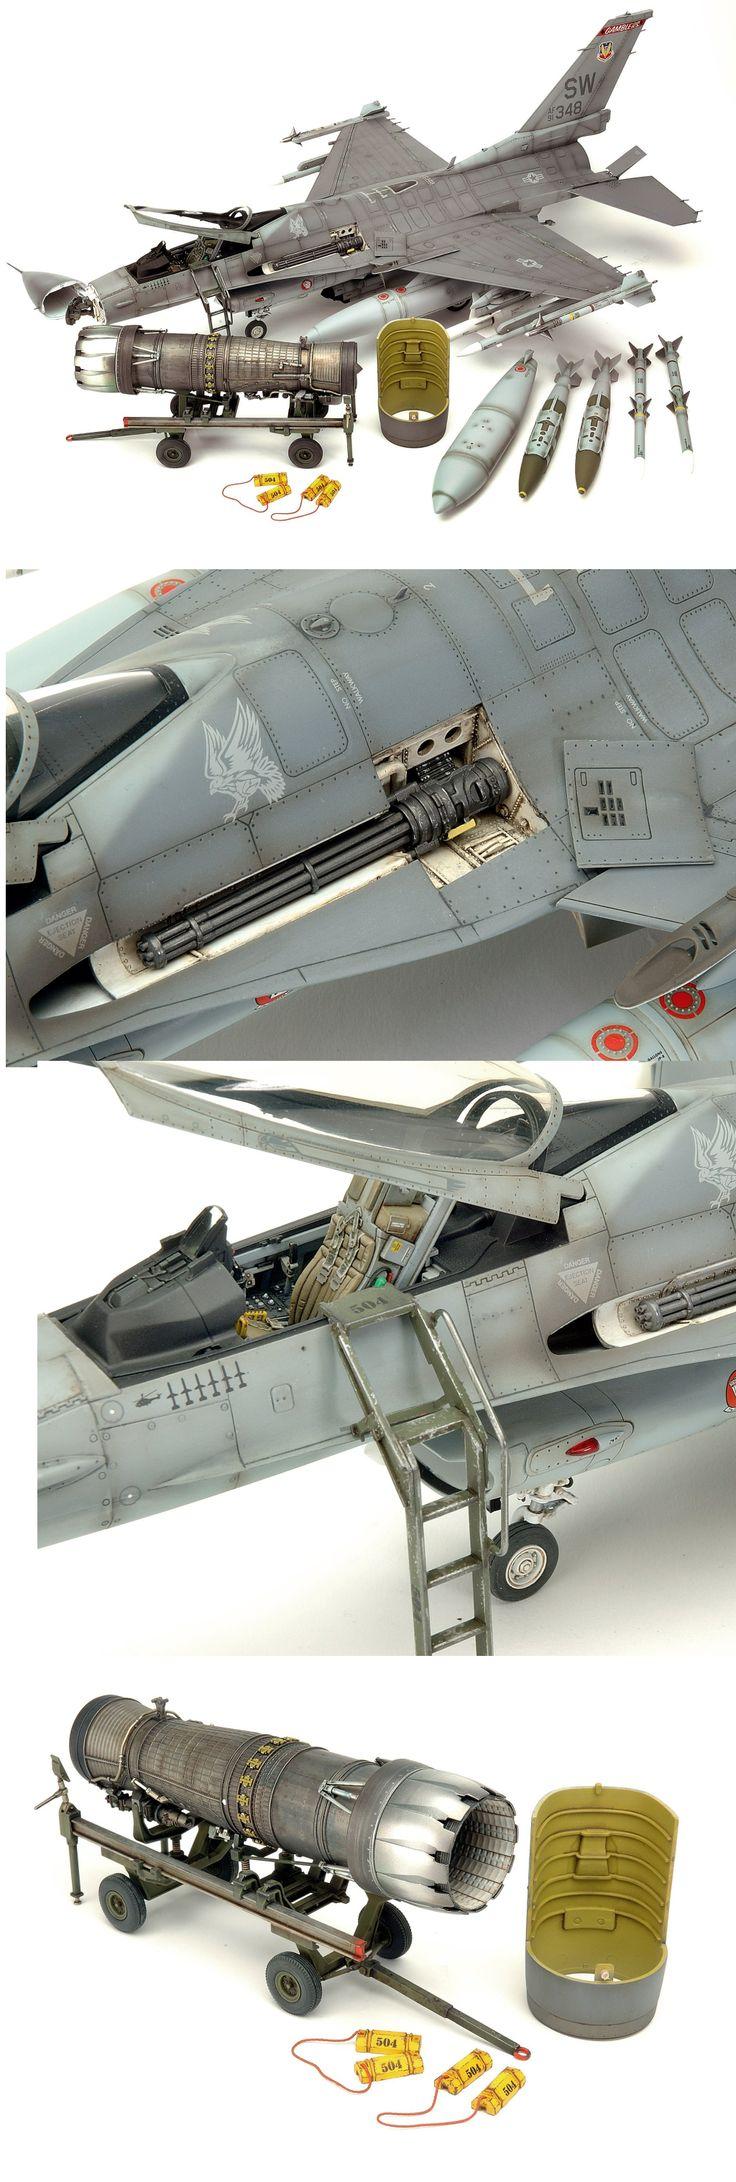 F-16C Fighting Falcon | Unknown Scale